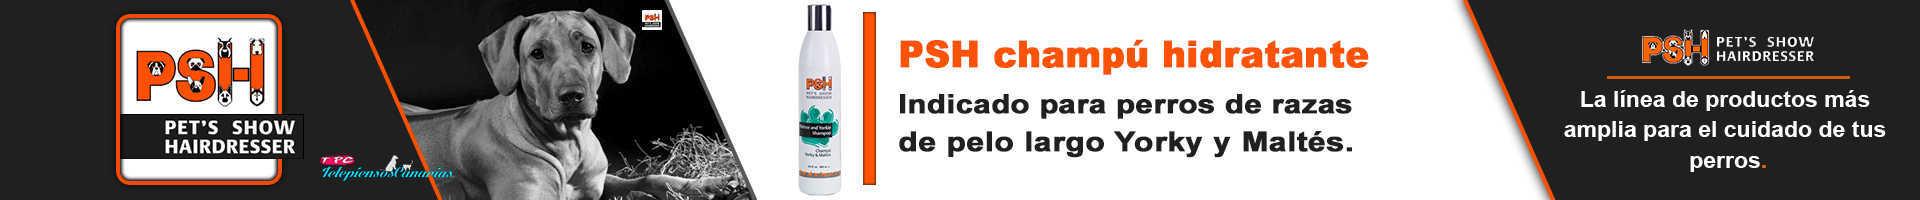 PSH champú perros yorky y maltes, para razas de pelo largo